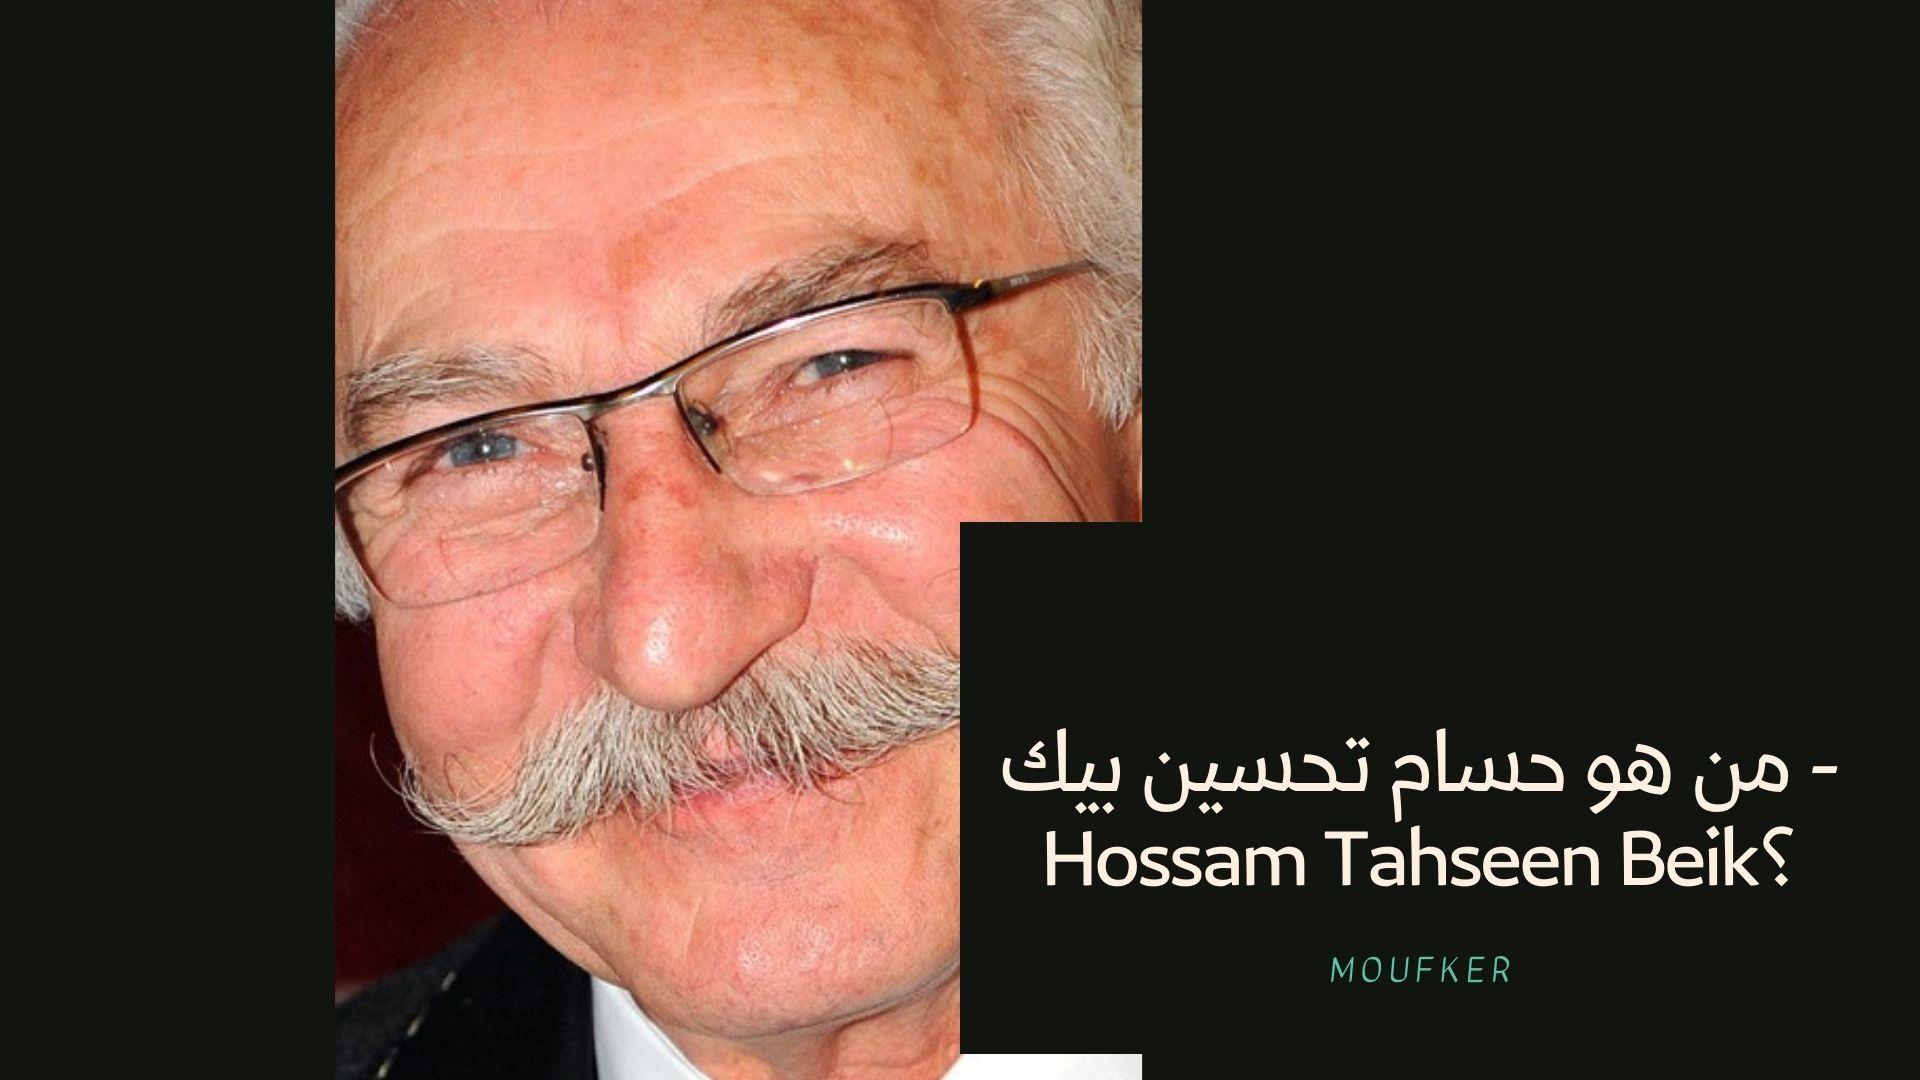 من هو حسام تحسين بيك – Hossam Tahseen Beik؟